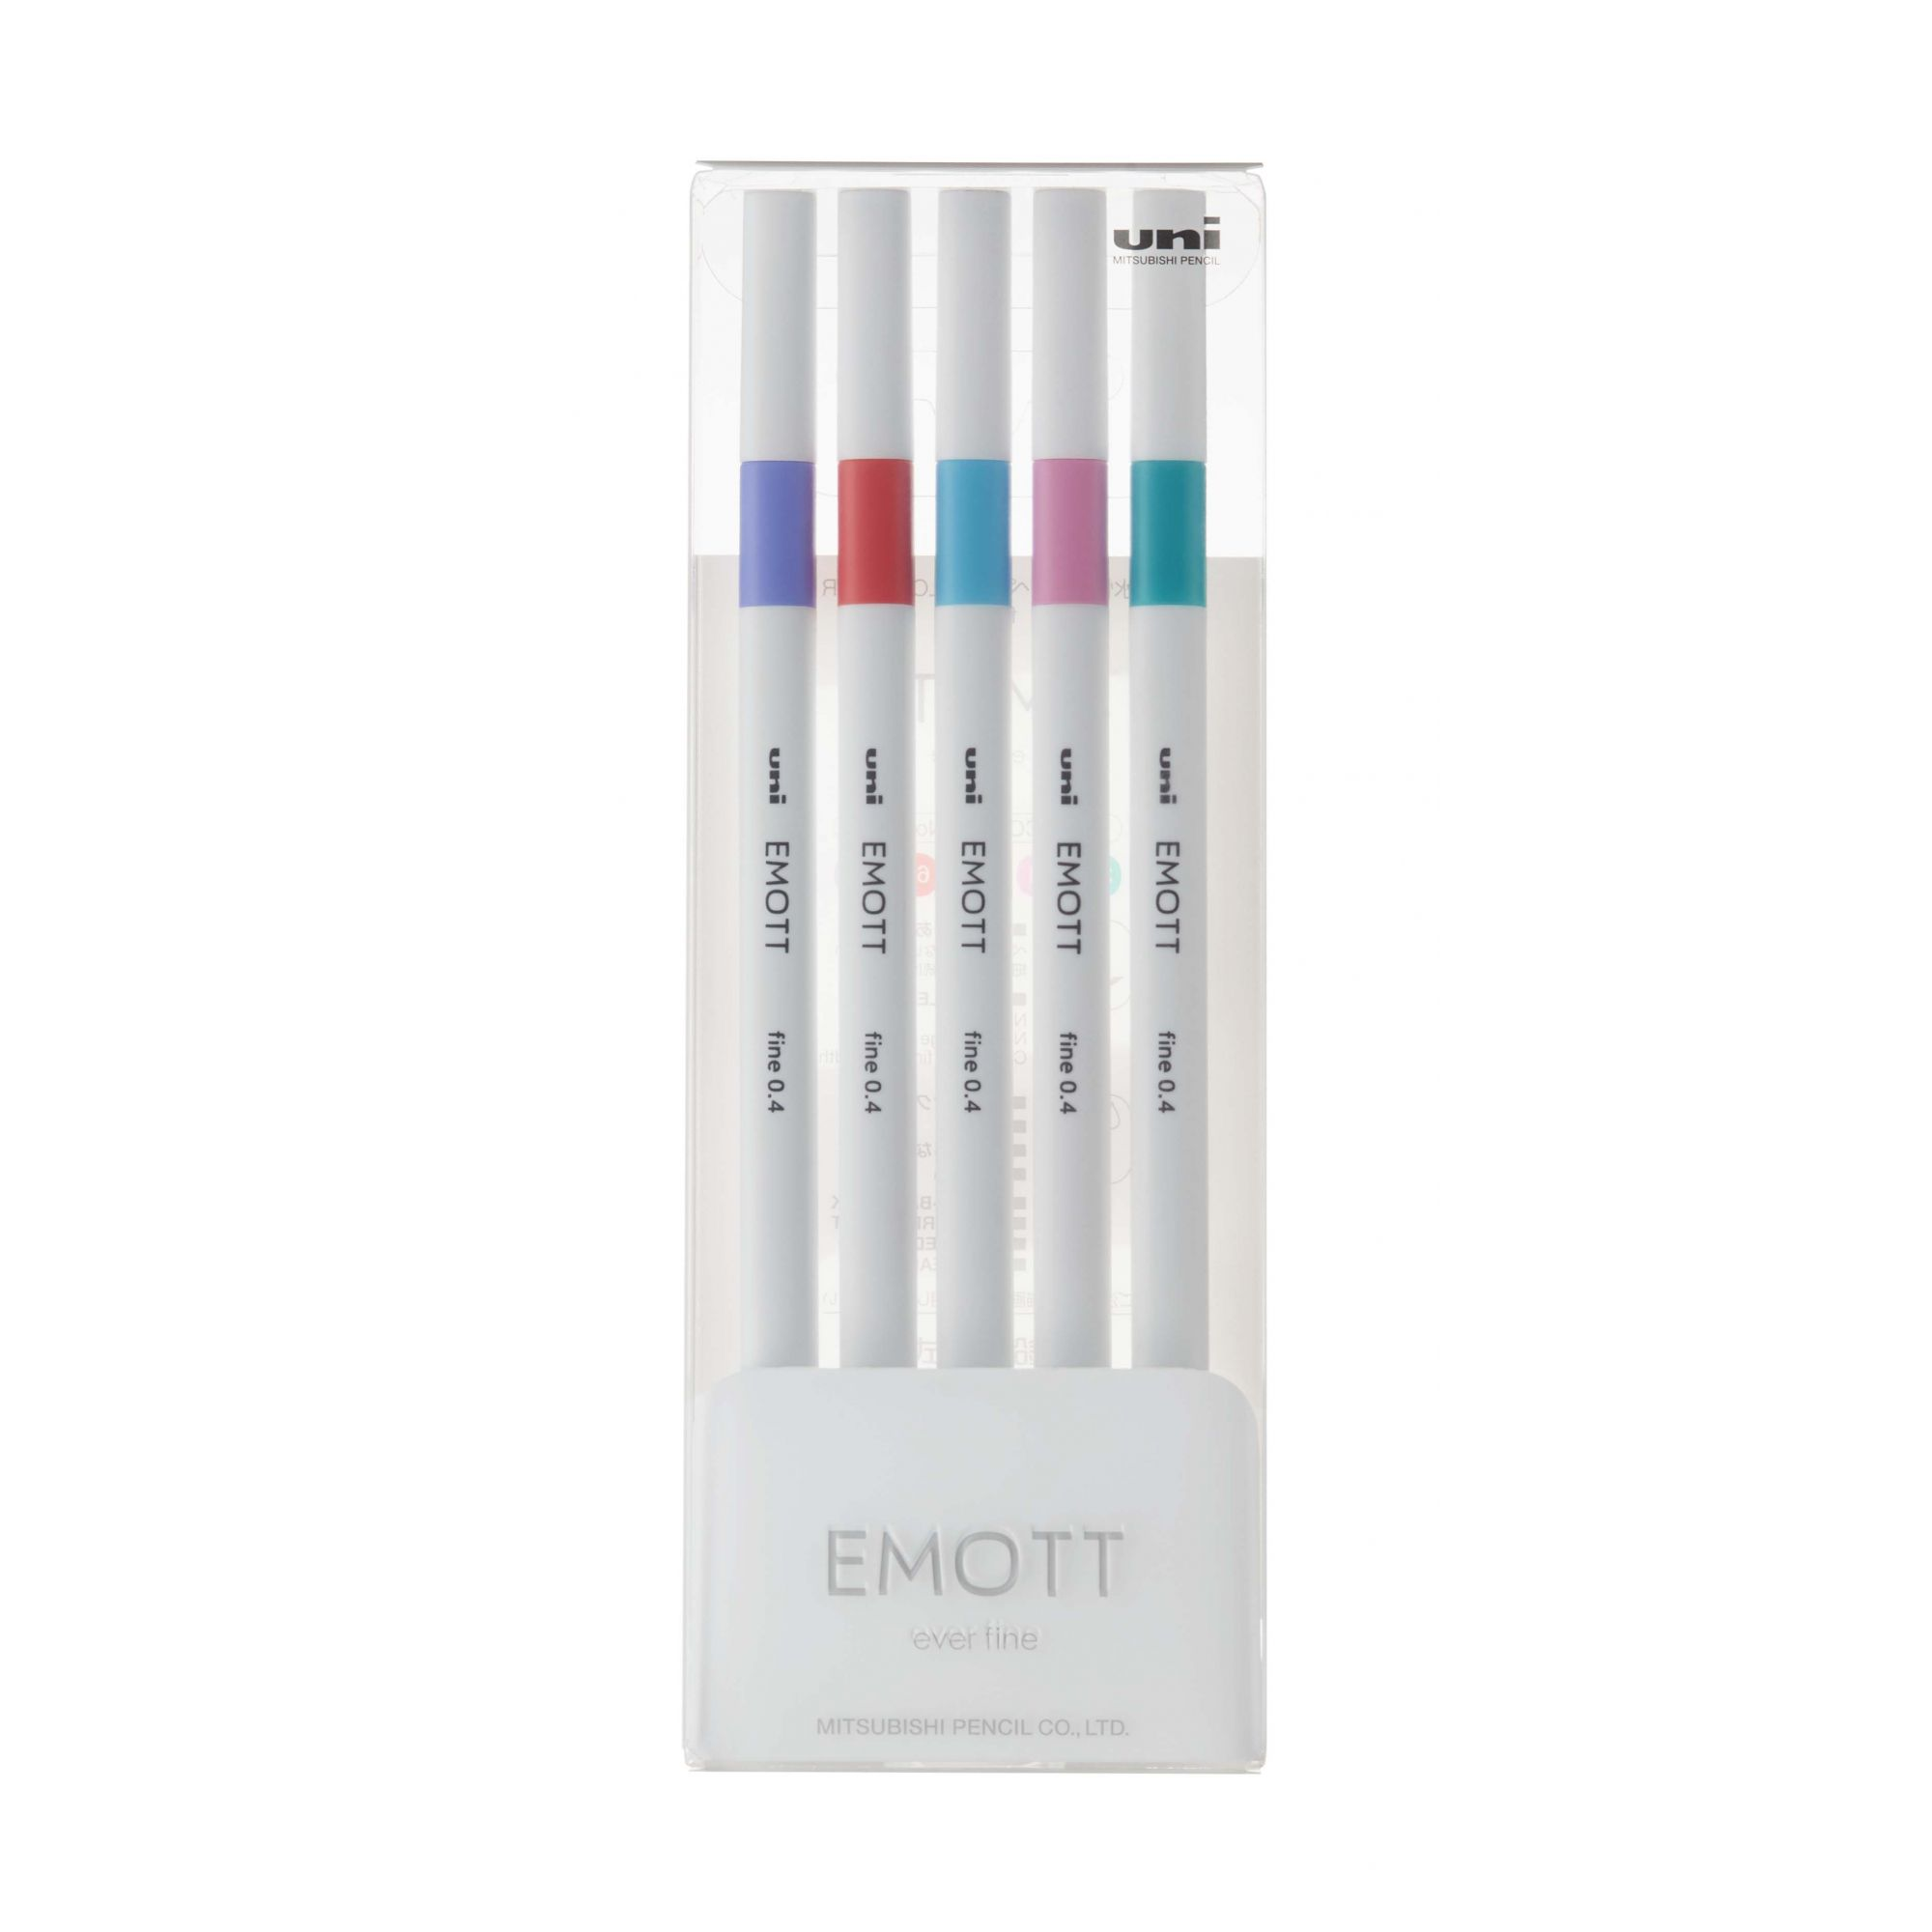 Caneta Uniball Emott 0.4mm Estojo com 5 Cores Sortidas N.05 - CandyPop Colors